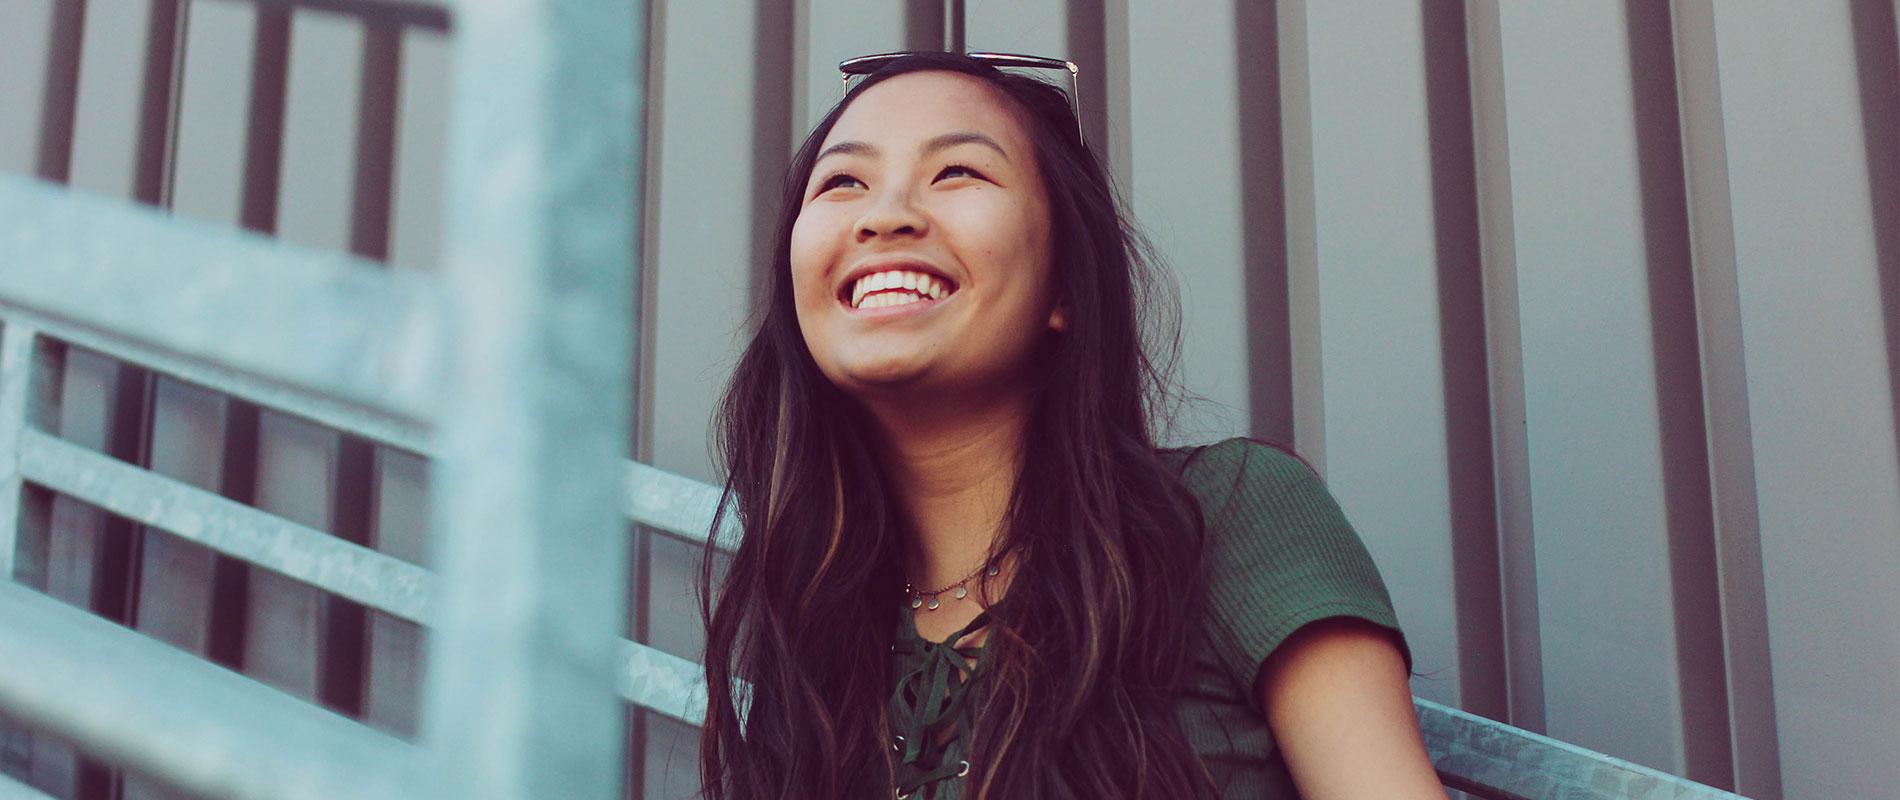 Microneedling Hannover für ein so schönes Lächeln wie diese Frau